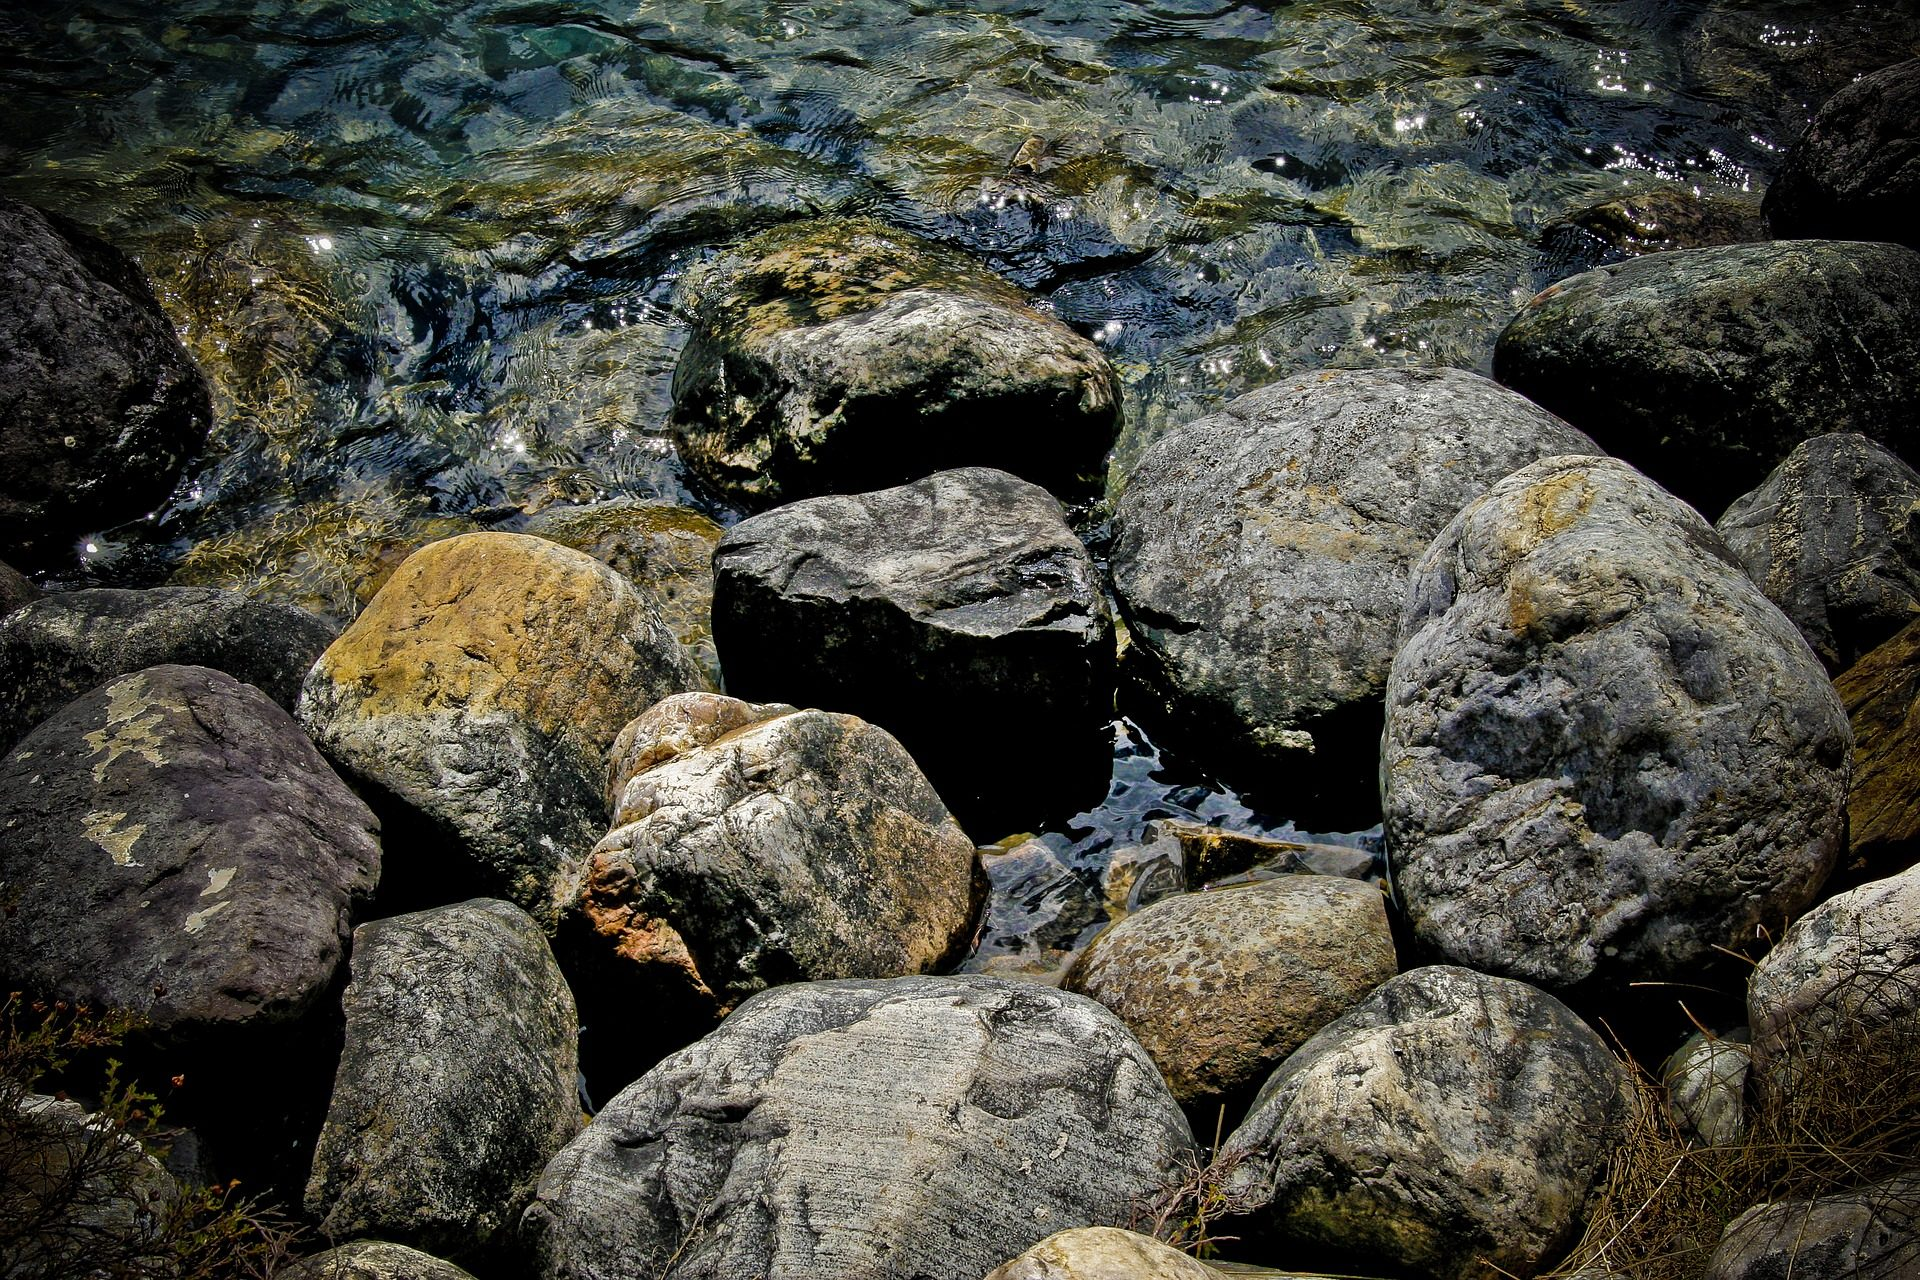 камни, Rocas, Рио, текущий, воды, Весна - Обои HD - Профессор falken.com